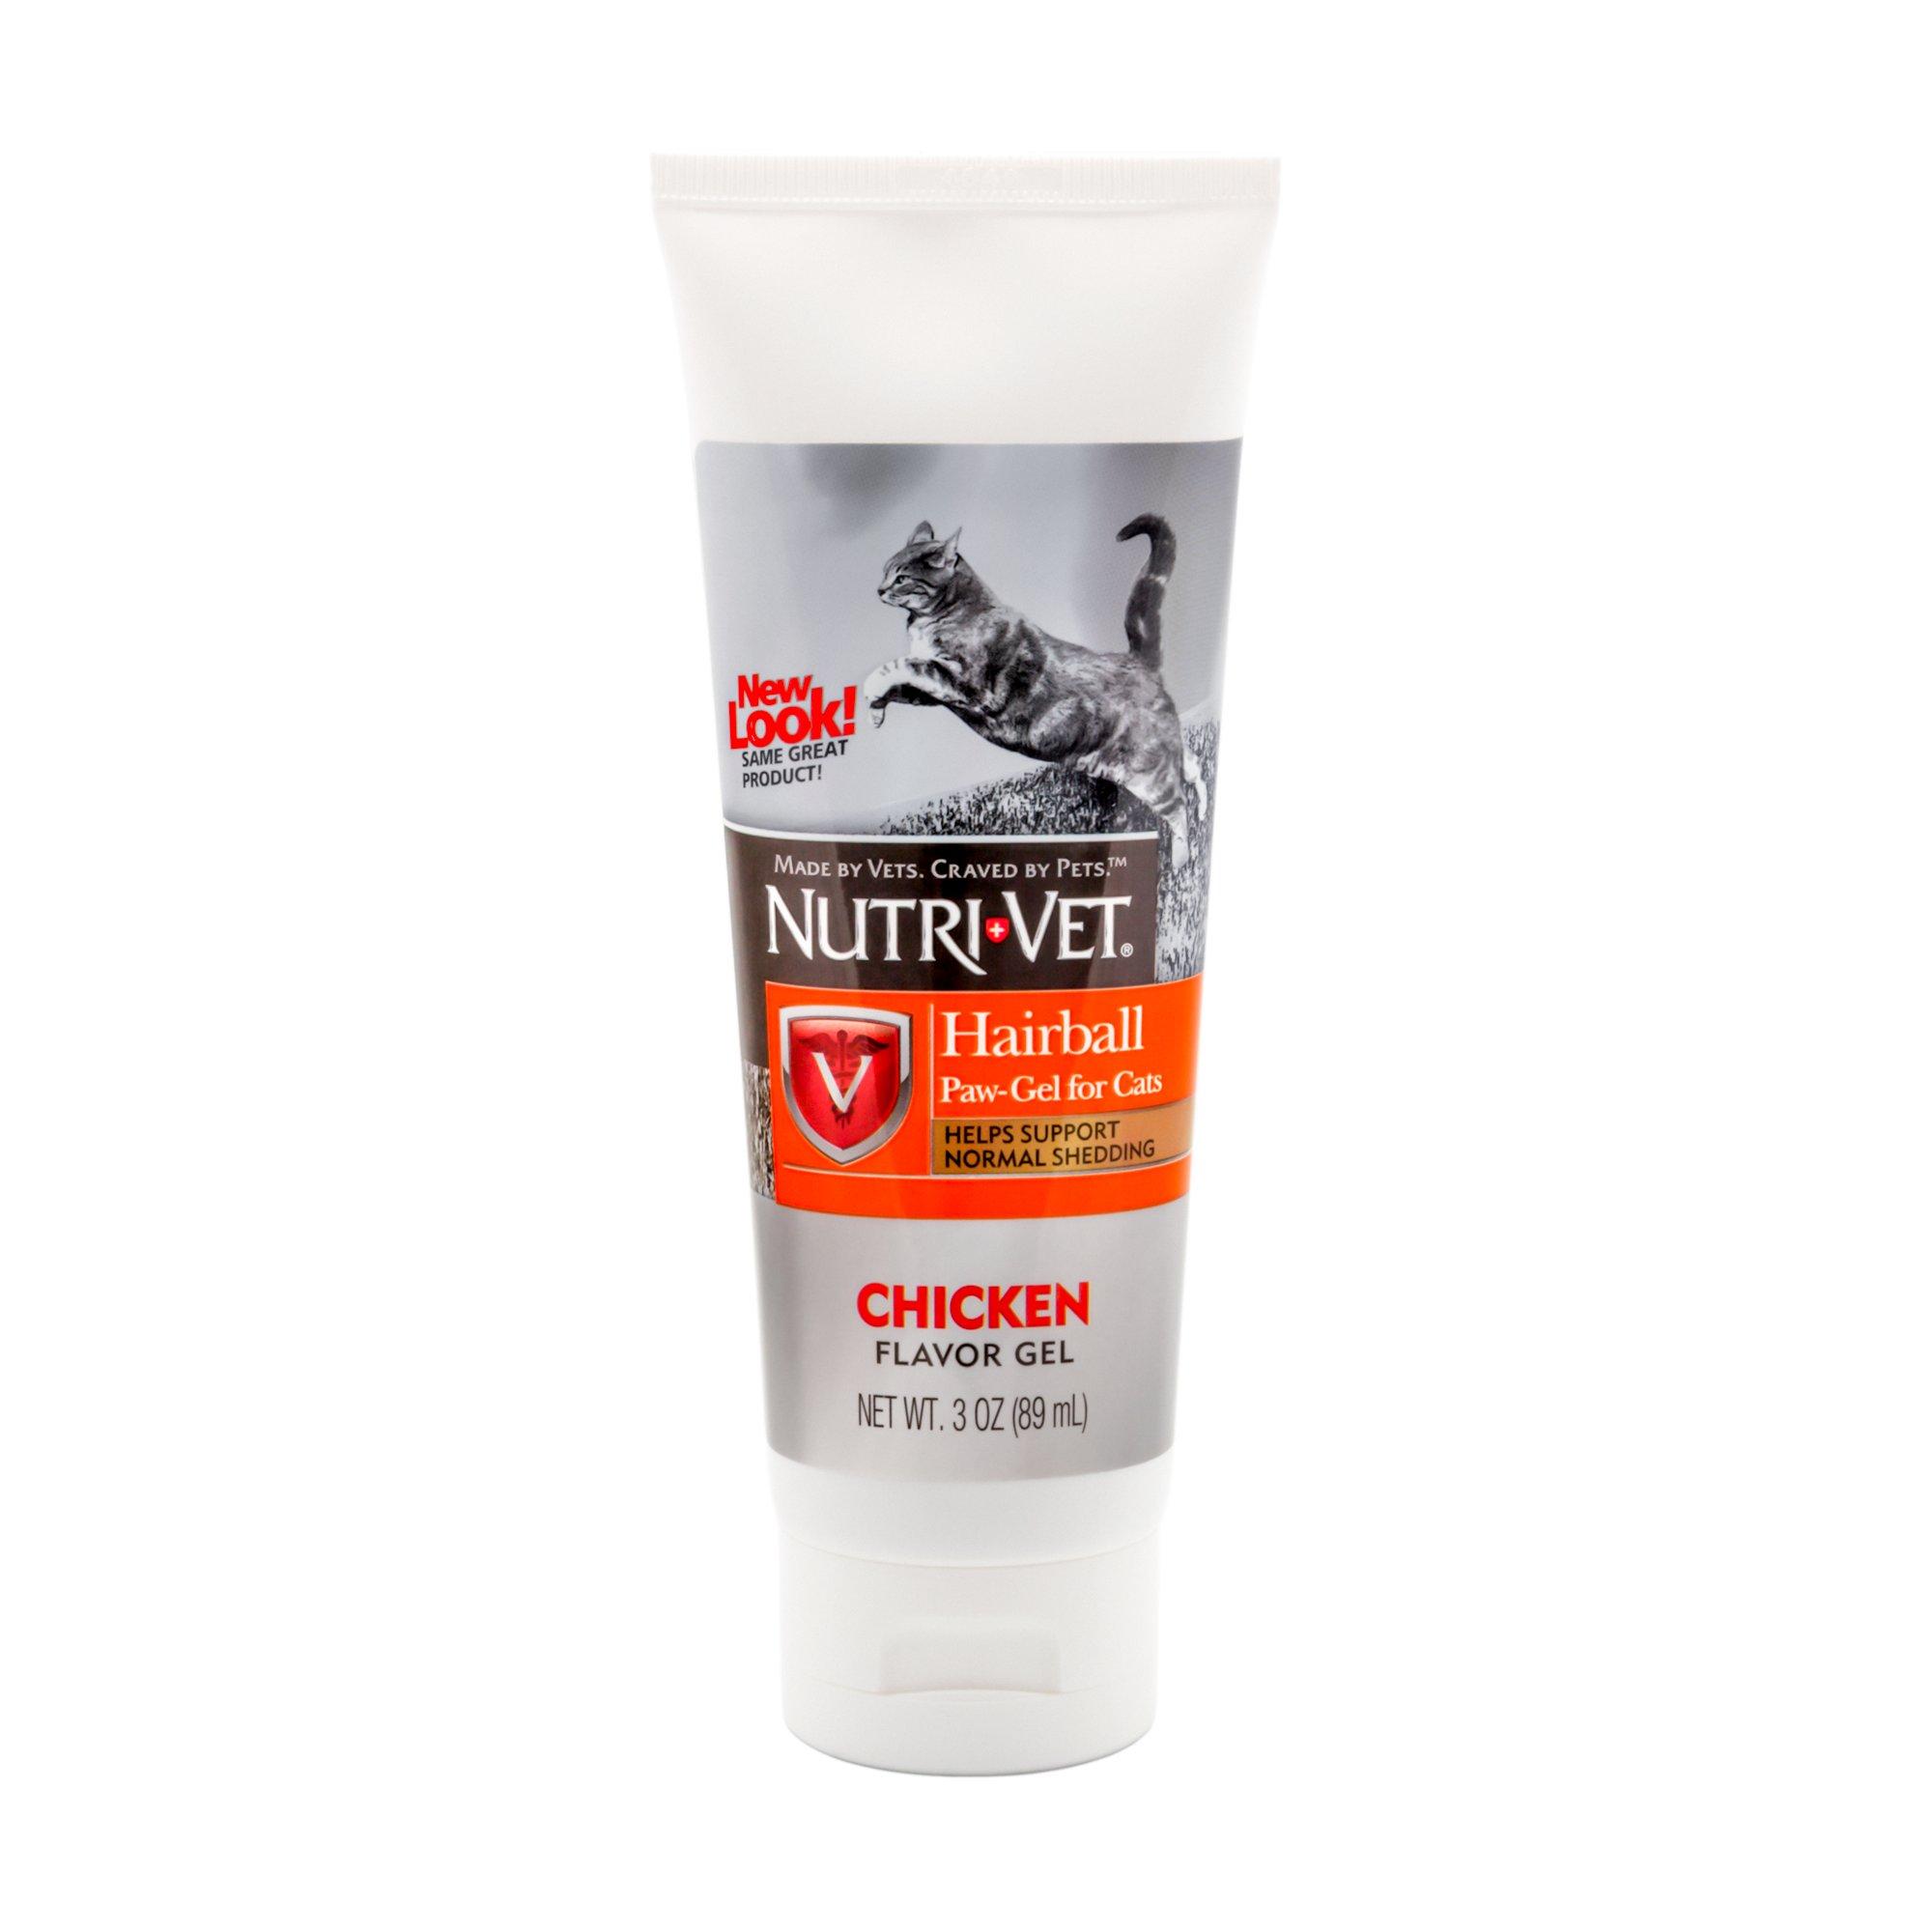 Nutri-Vet Hairball Paw-Gel for Cats